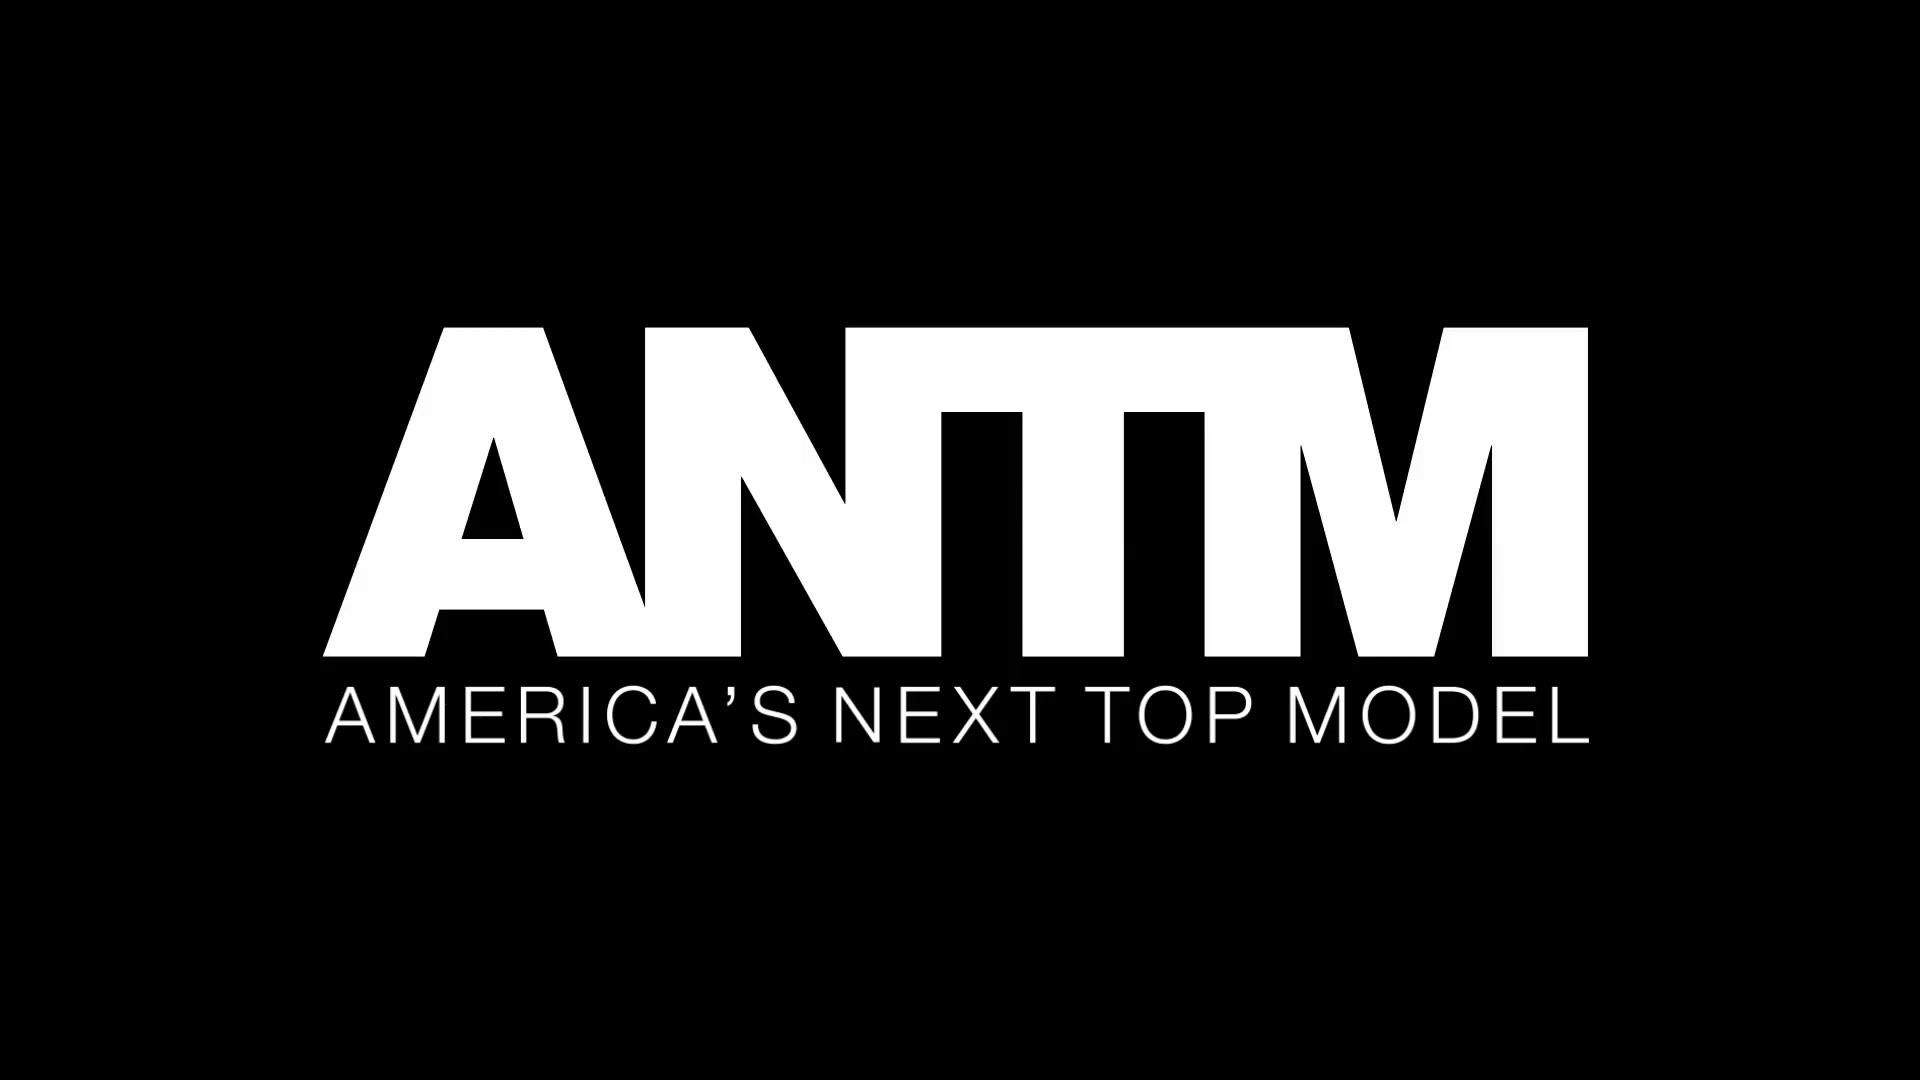 Топ-модель по-американски логотип